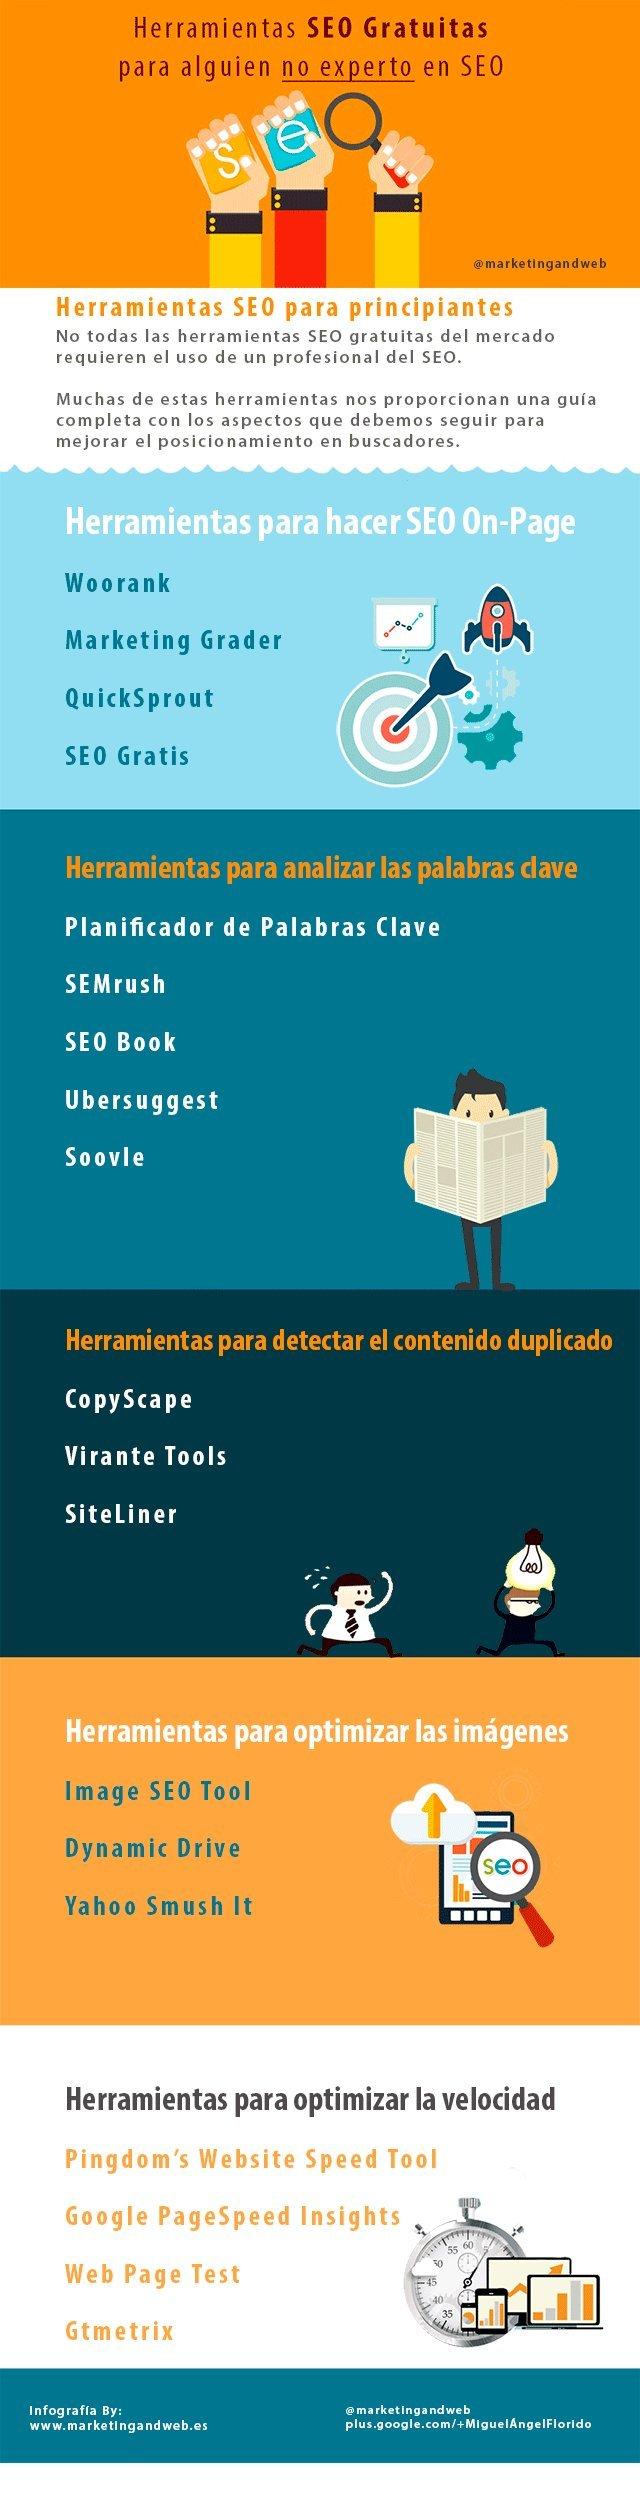 herramientas seo gratuitas principiantes infografia